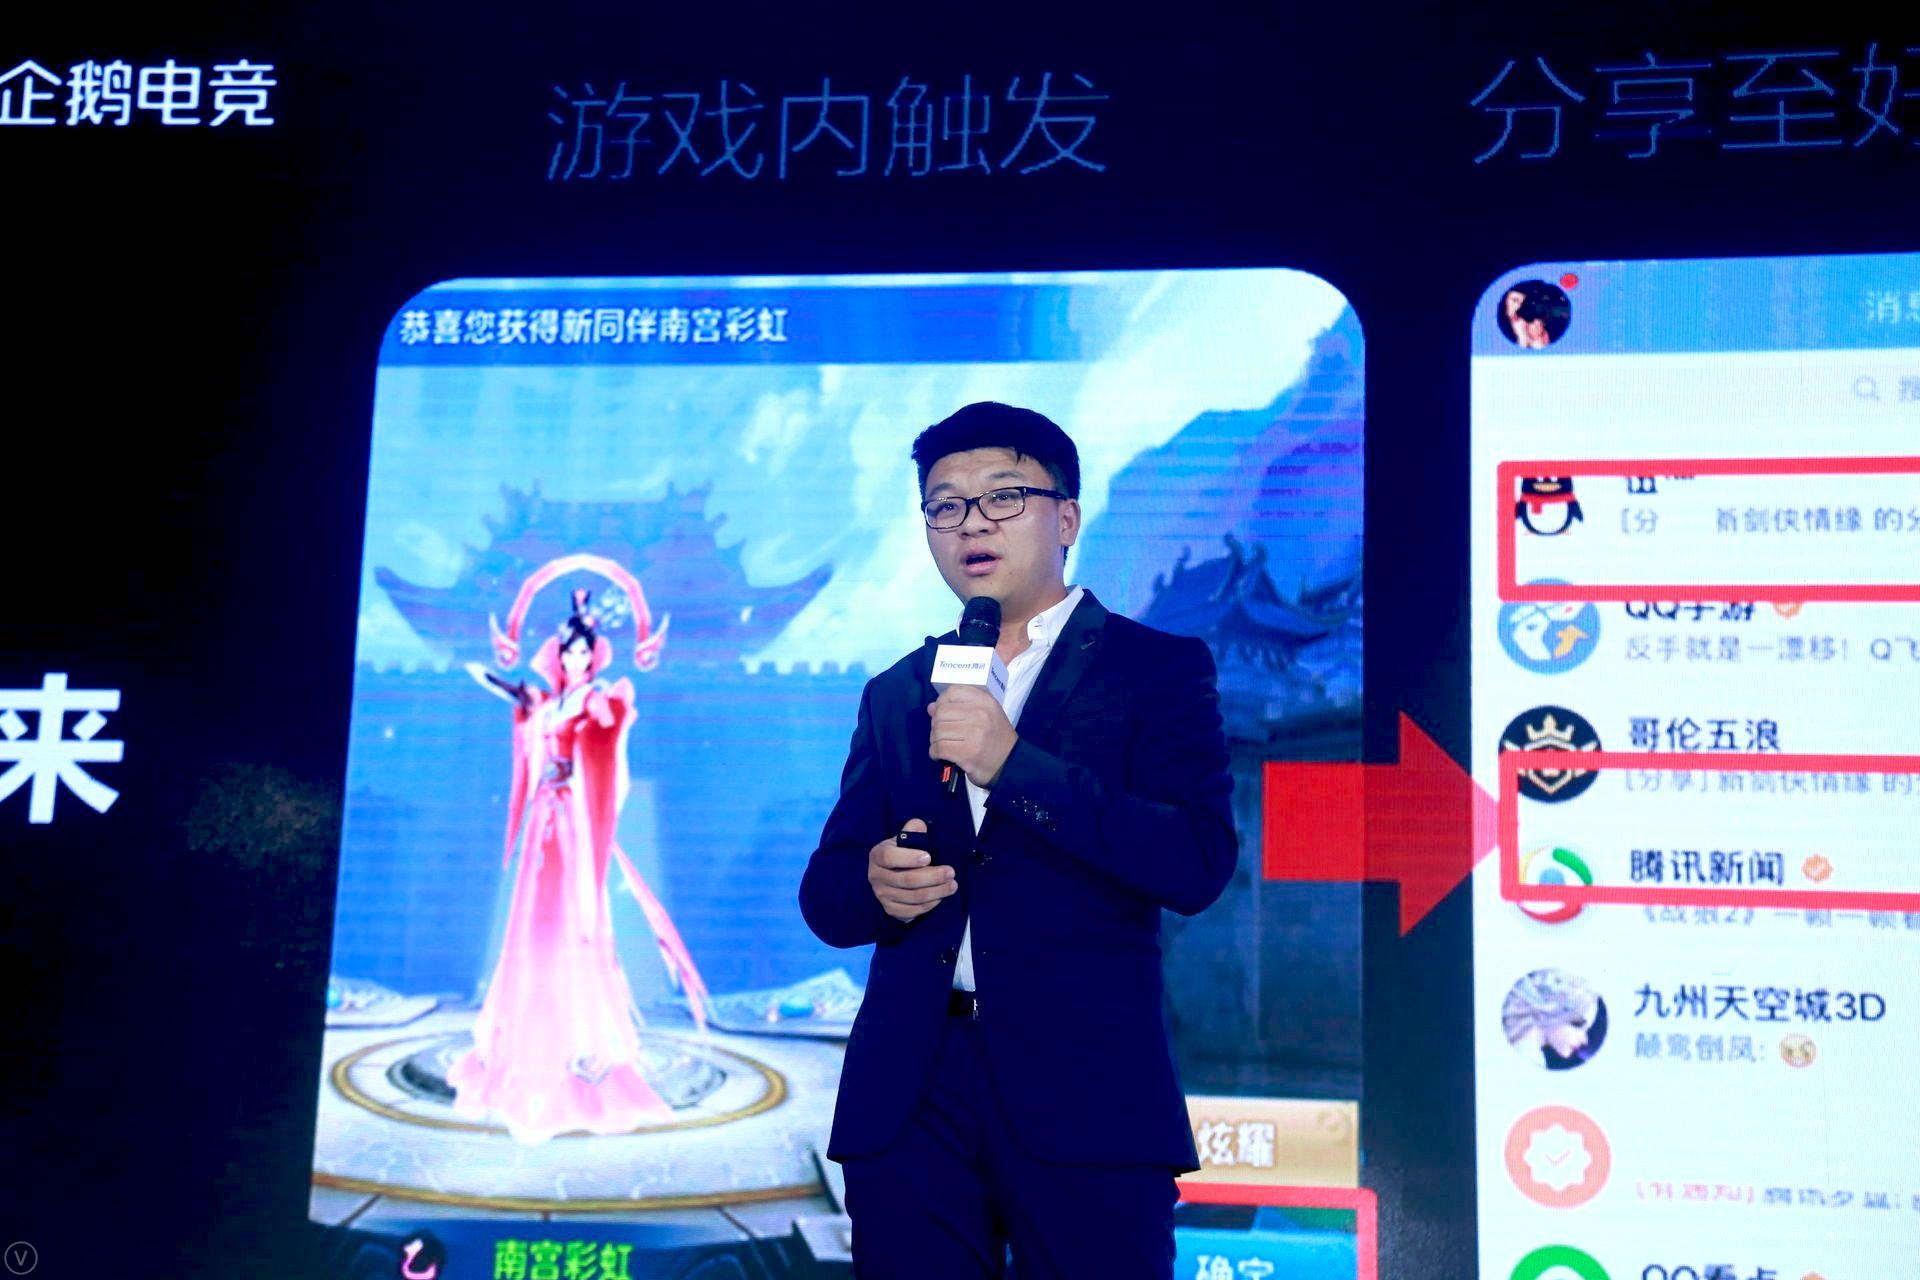 QQ手游推出社交组件扶持计划 构建社群游戏新生态